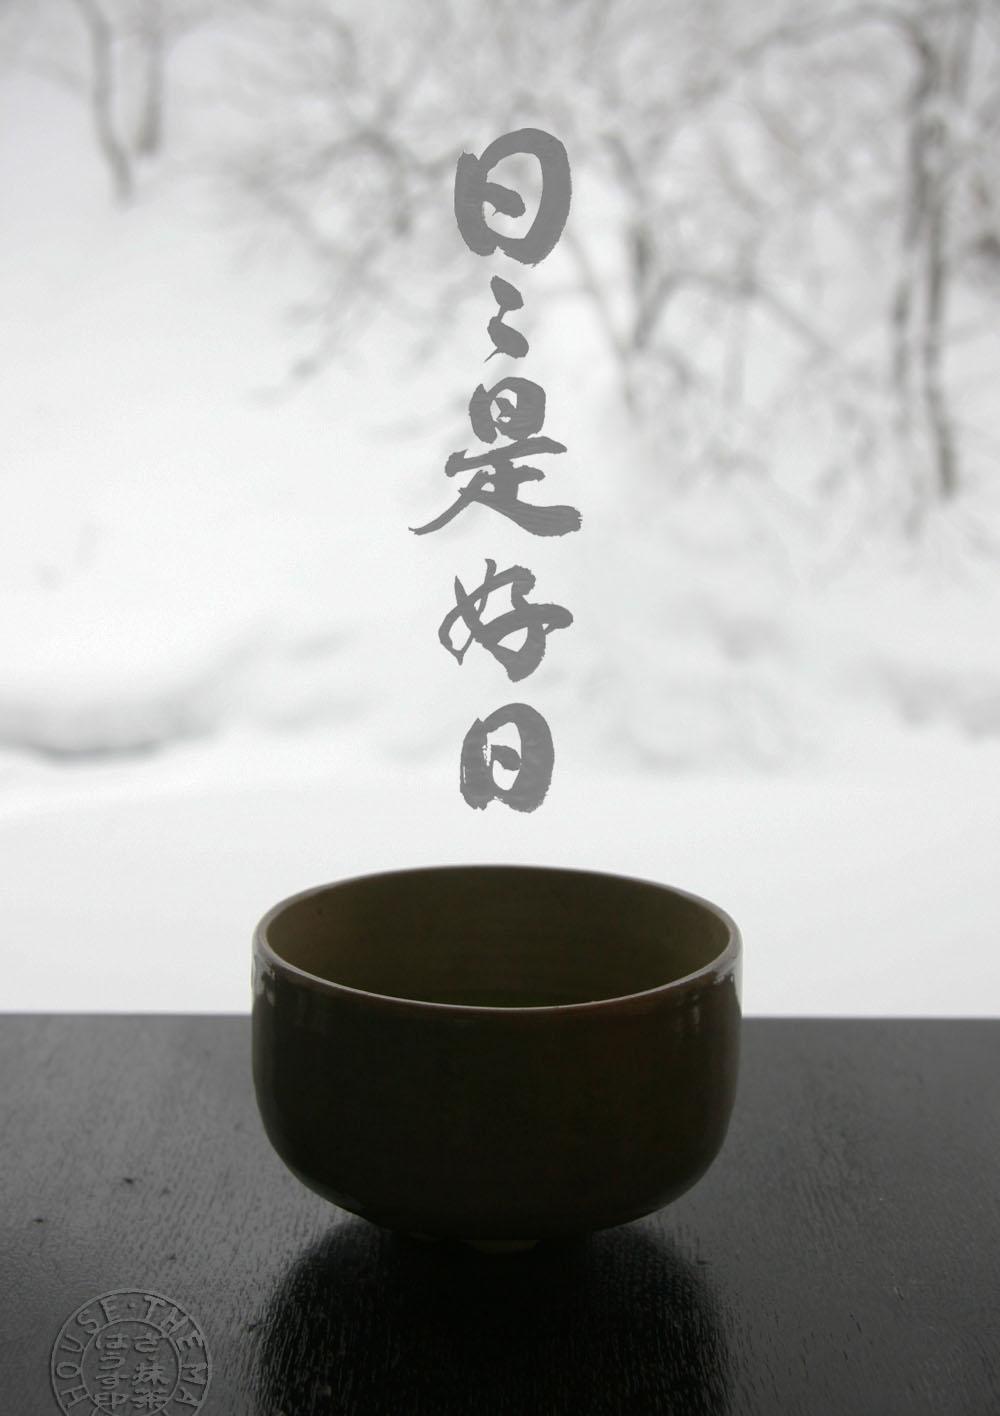 Nichi Nichi Kore Kou Nichi